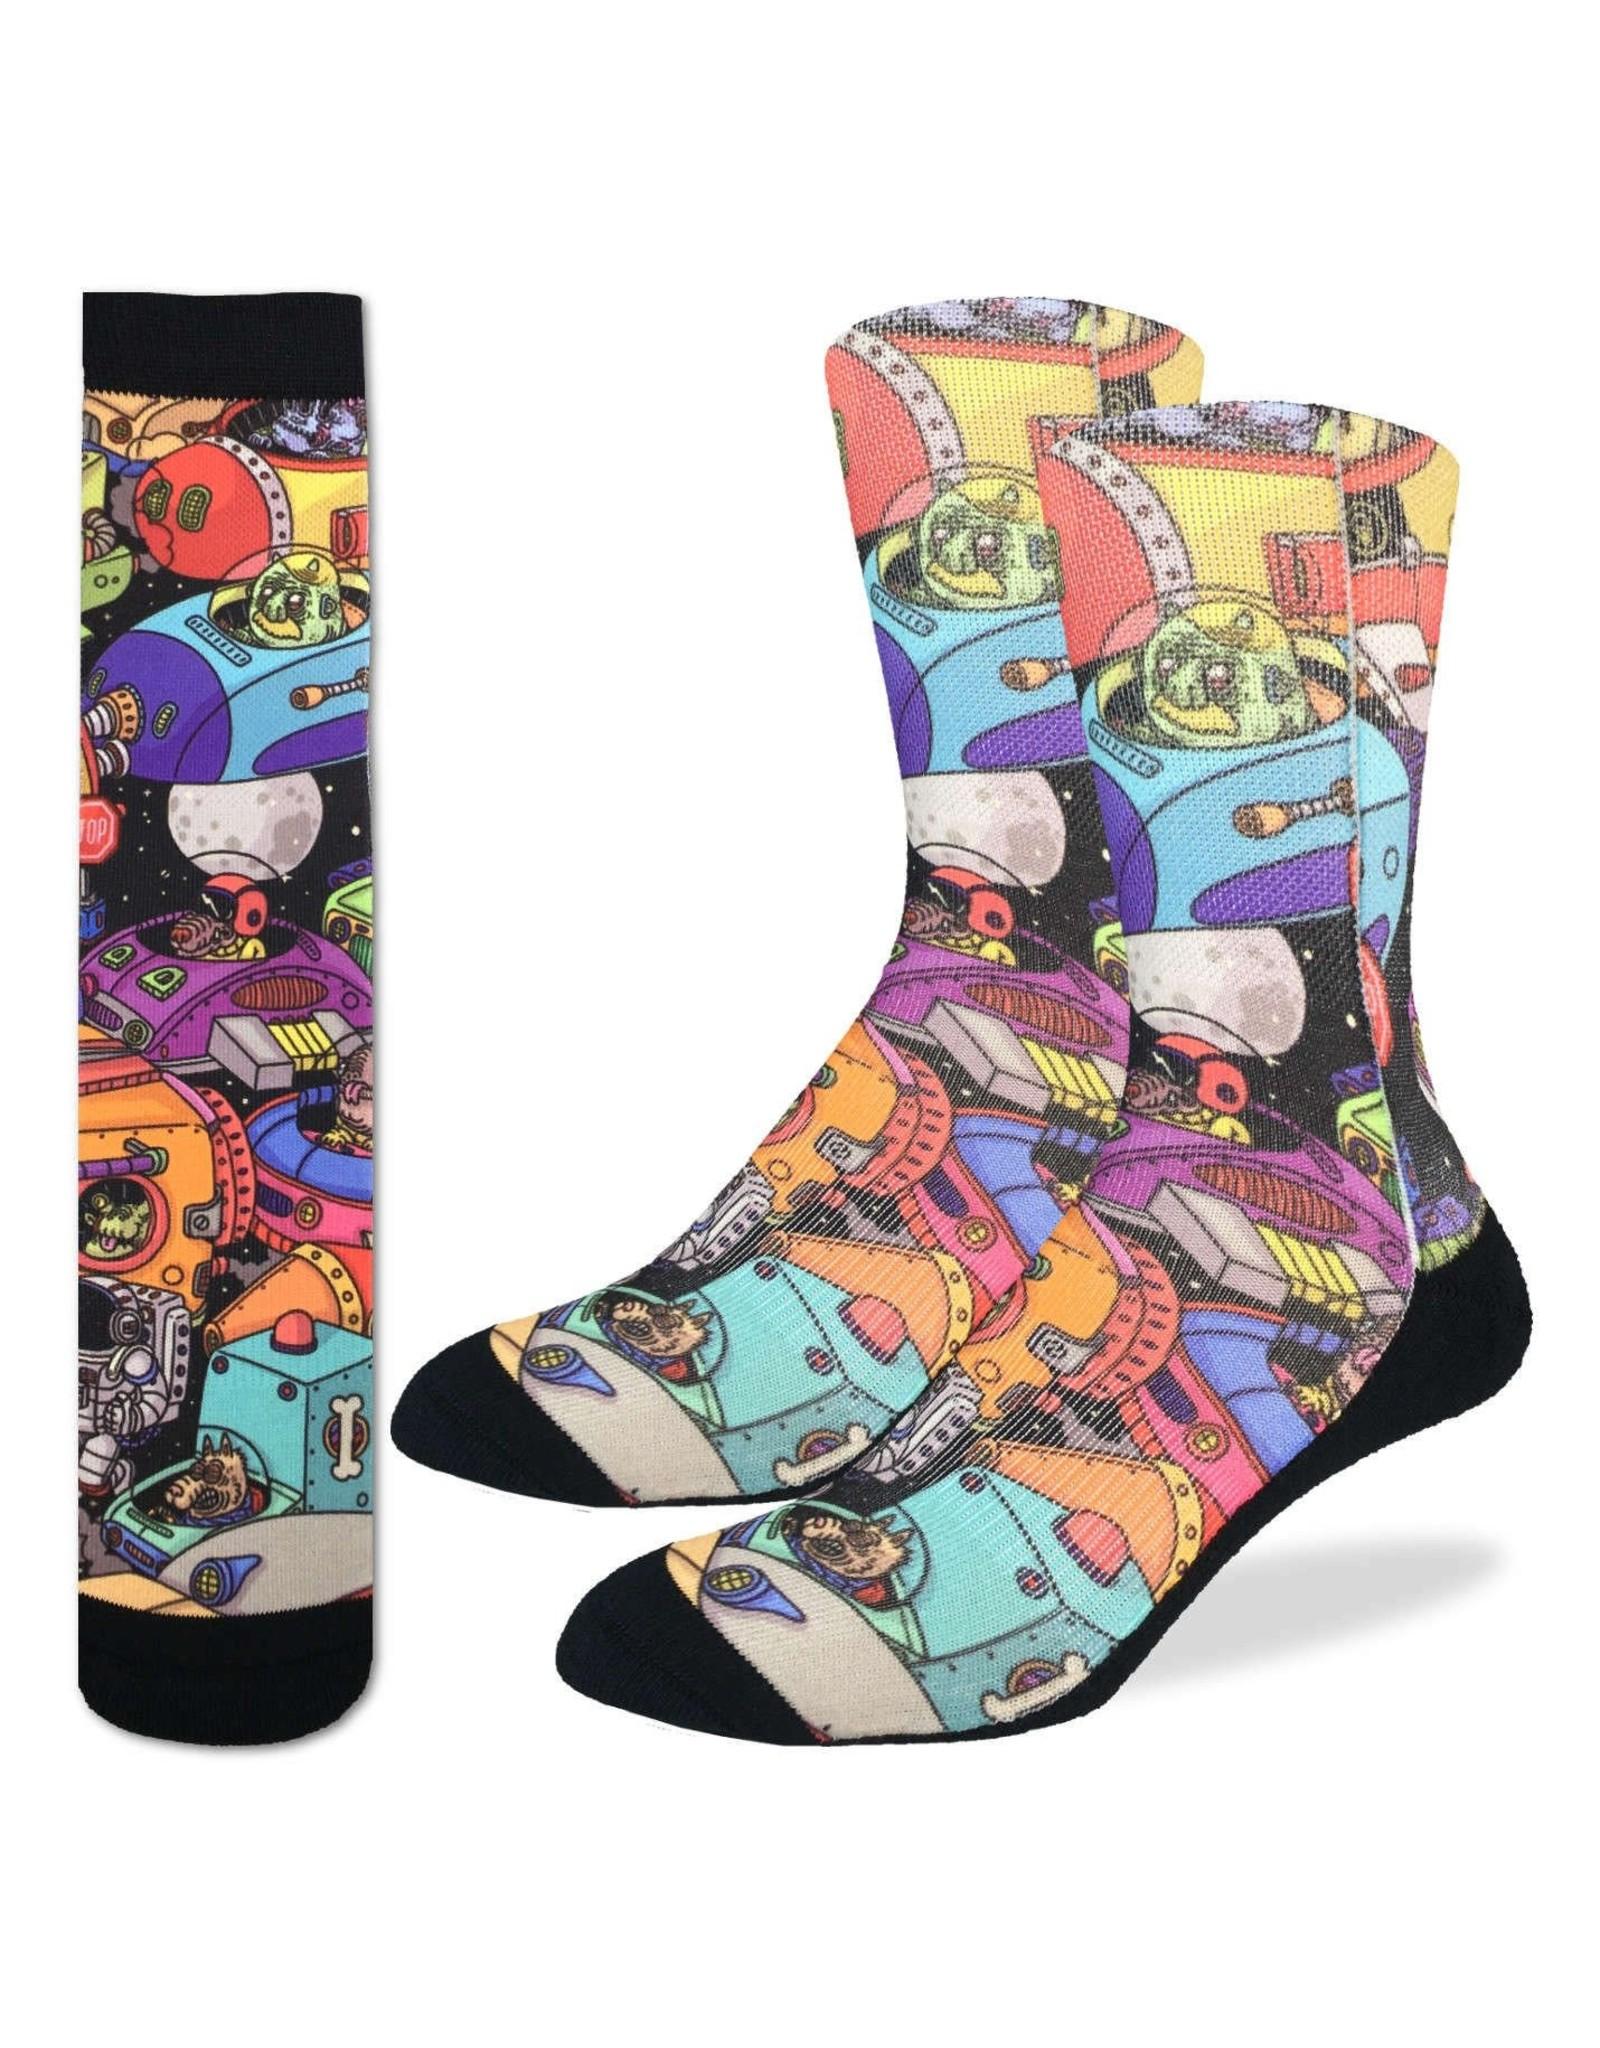 Good Luck Sock Space Jam Socks, 8-13